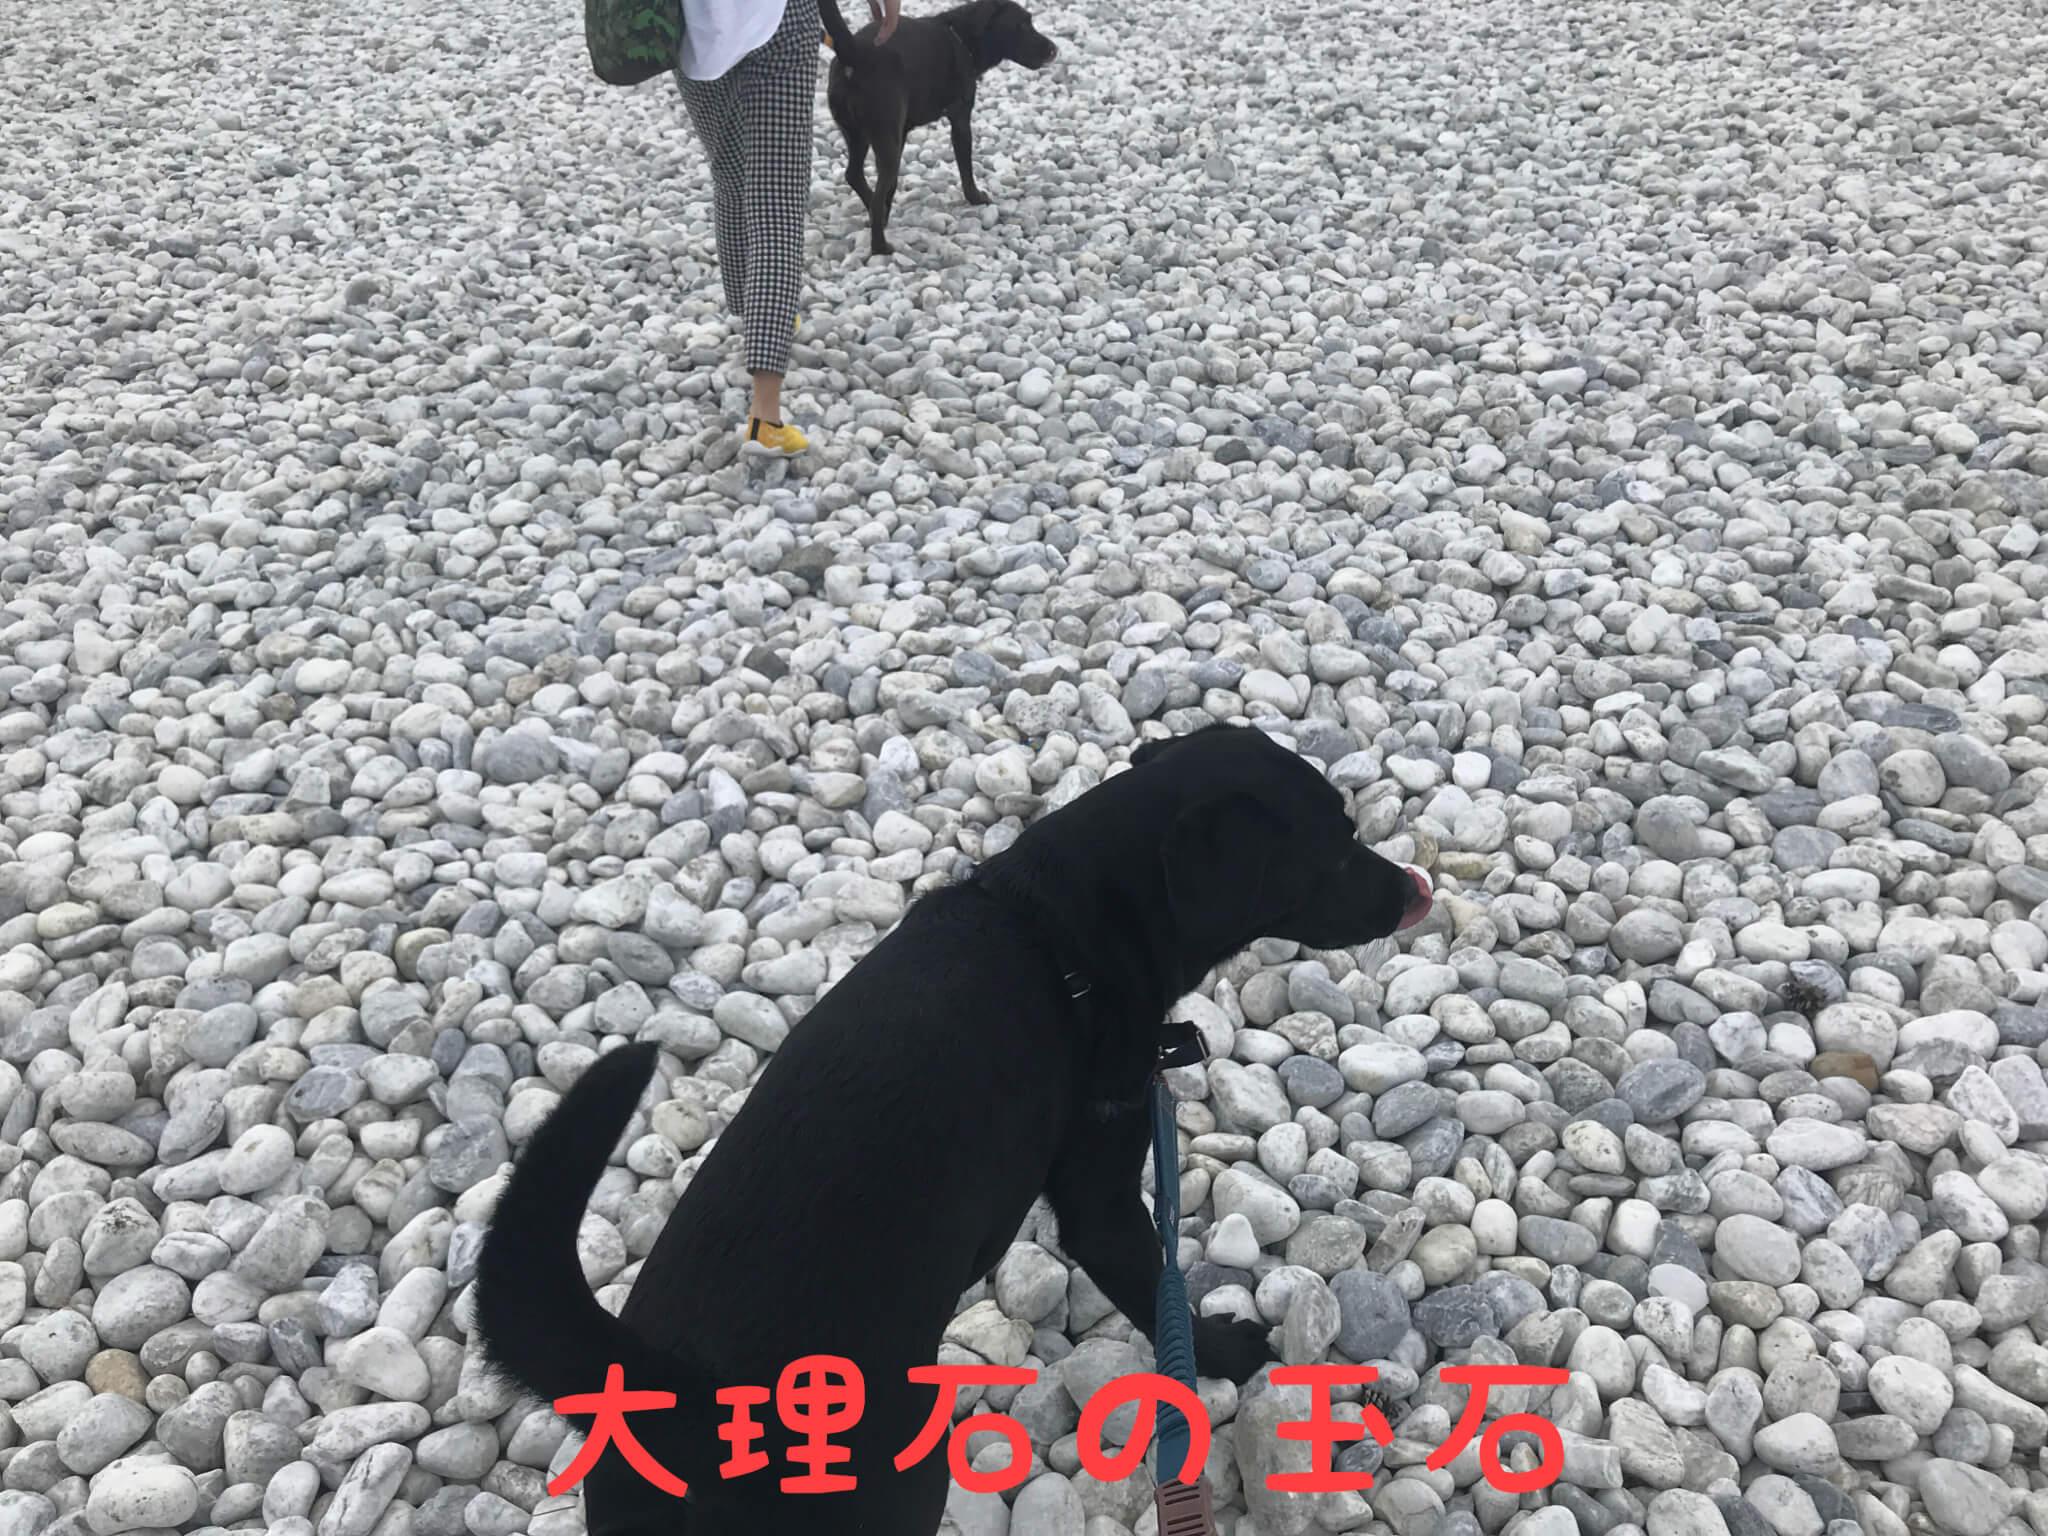 大理石の玉石 マーブルビーチ ラブラドールレトリバー